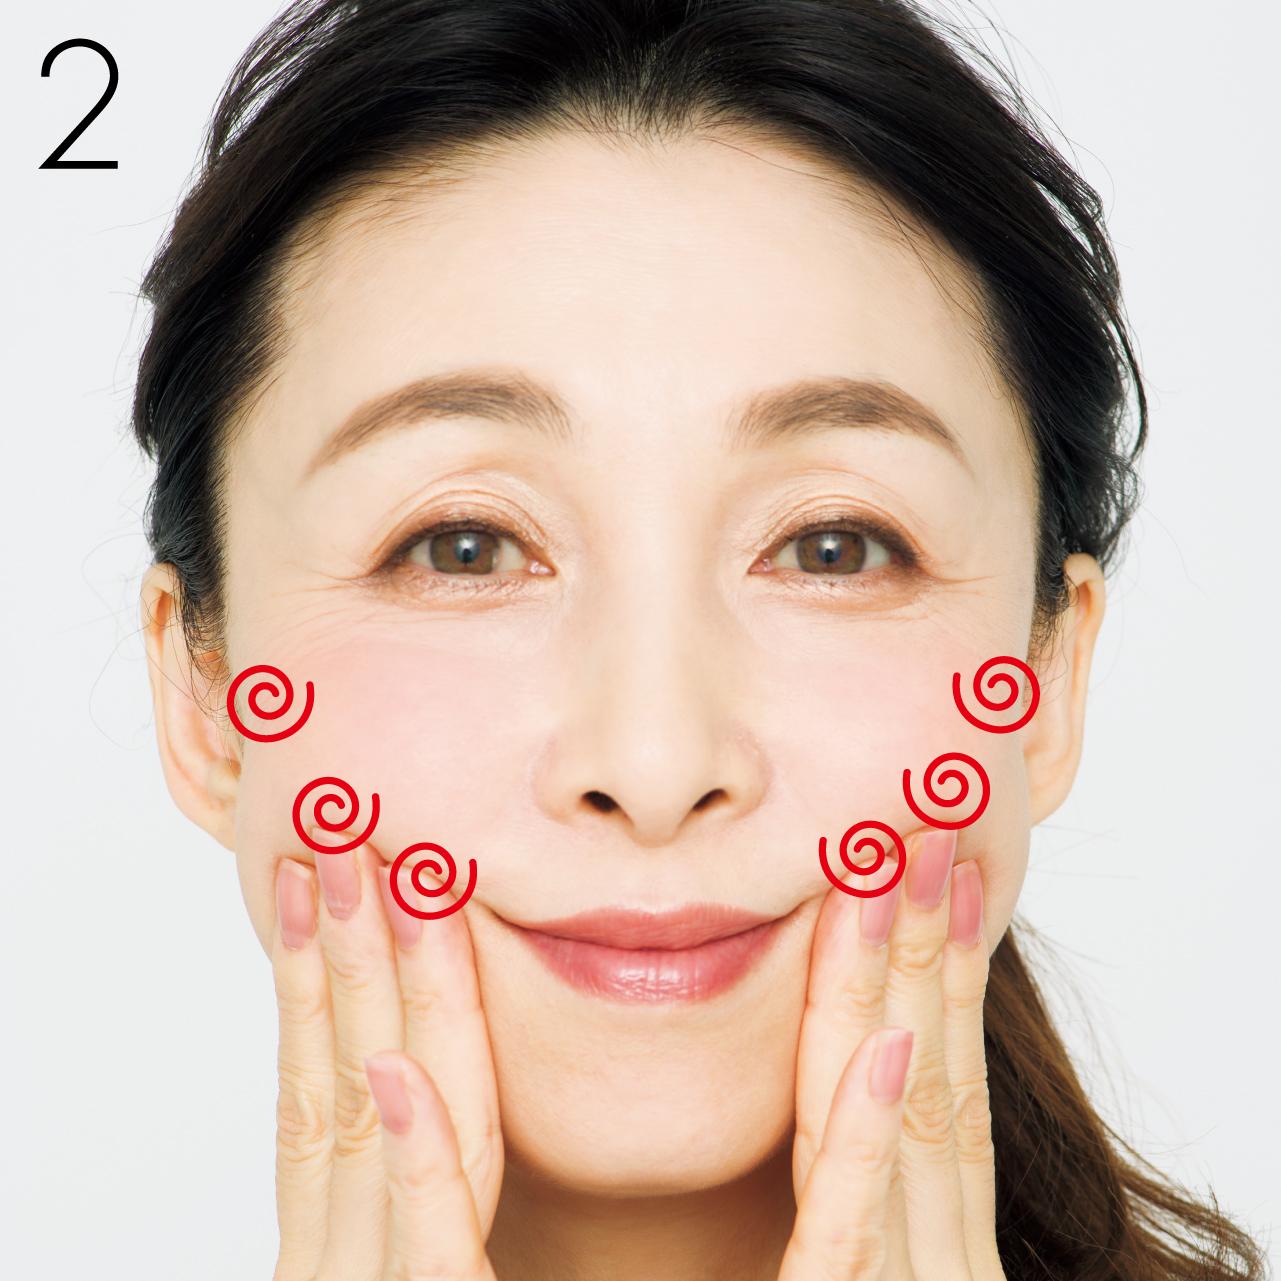 頰骨下のラインに沿って、髪の生え際付近の耳前まで、3本指でぐりぐりぐり